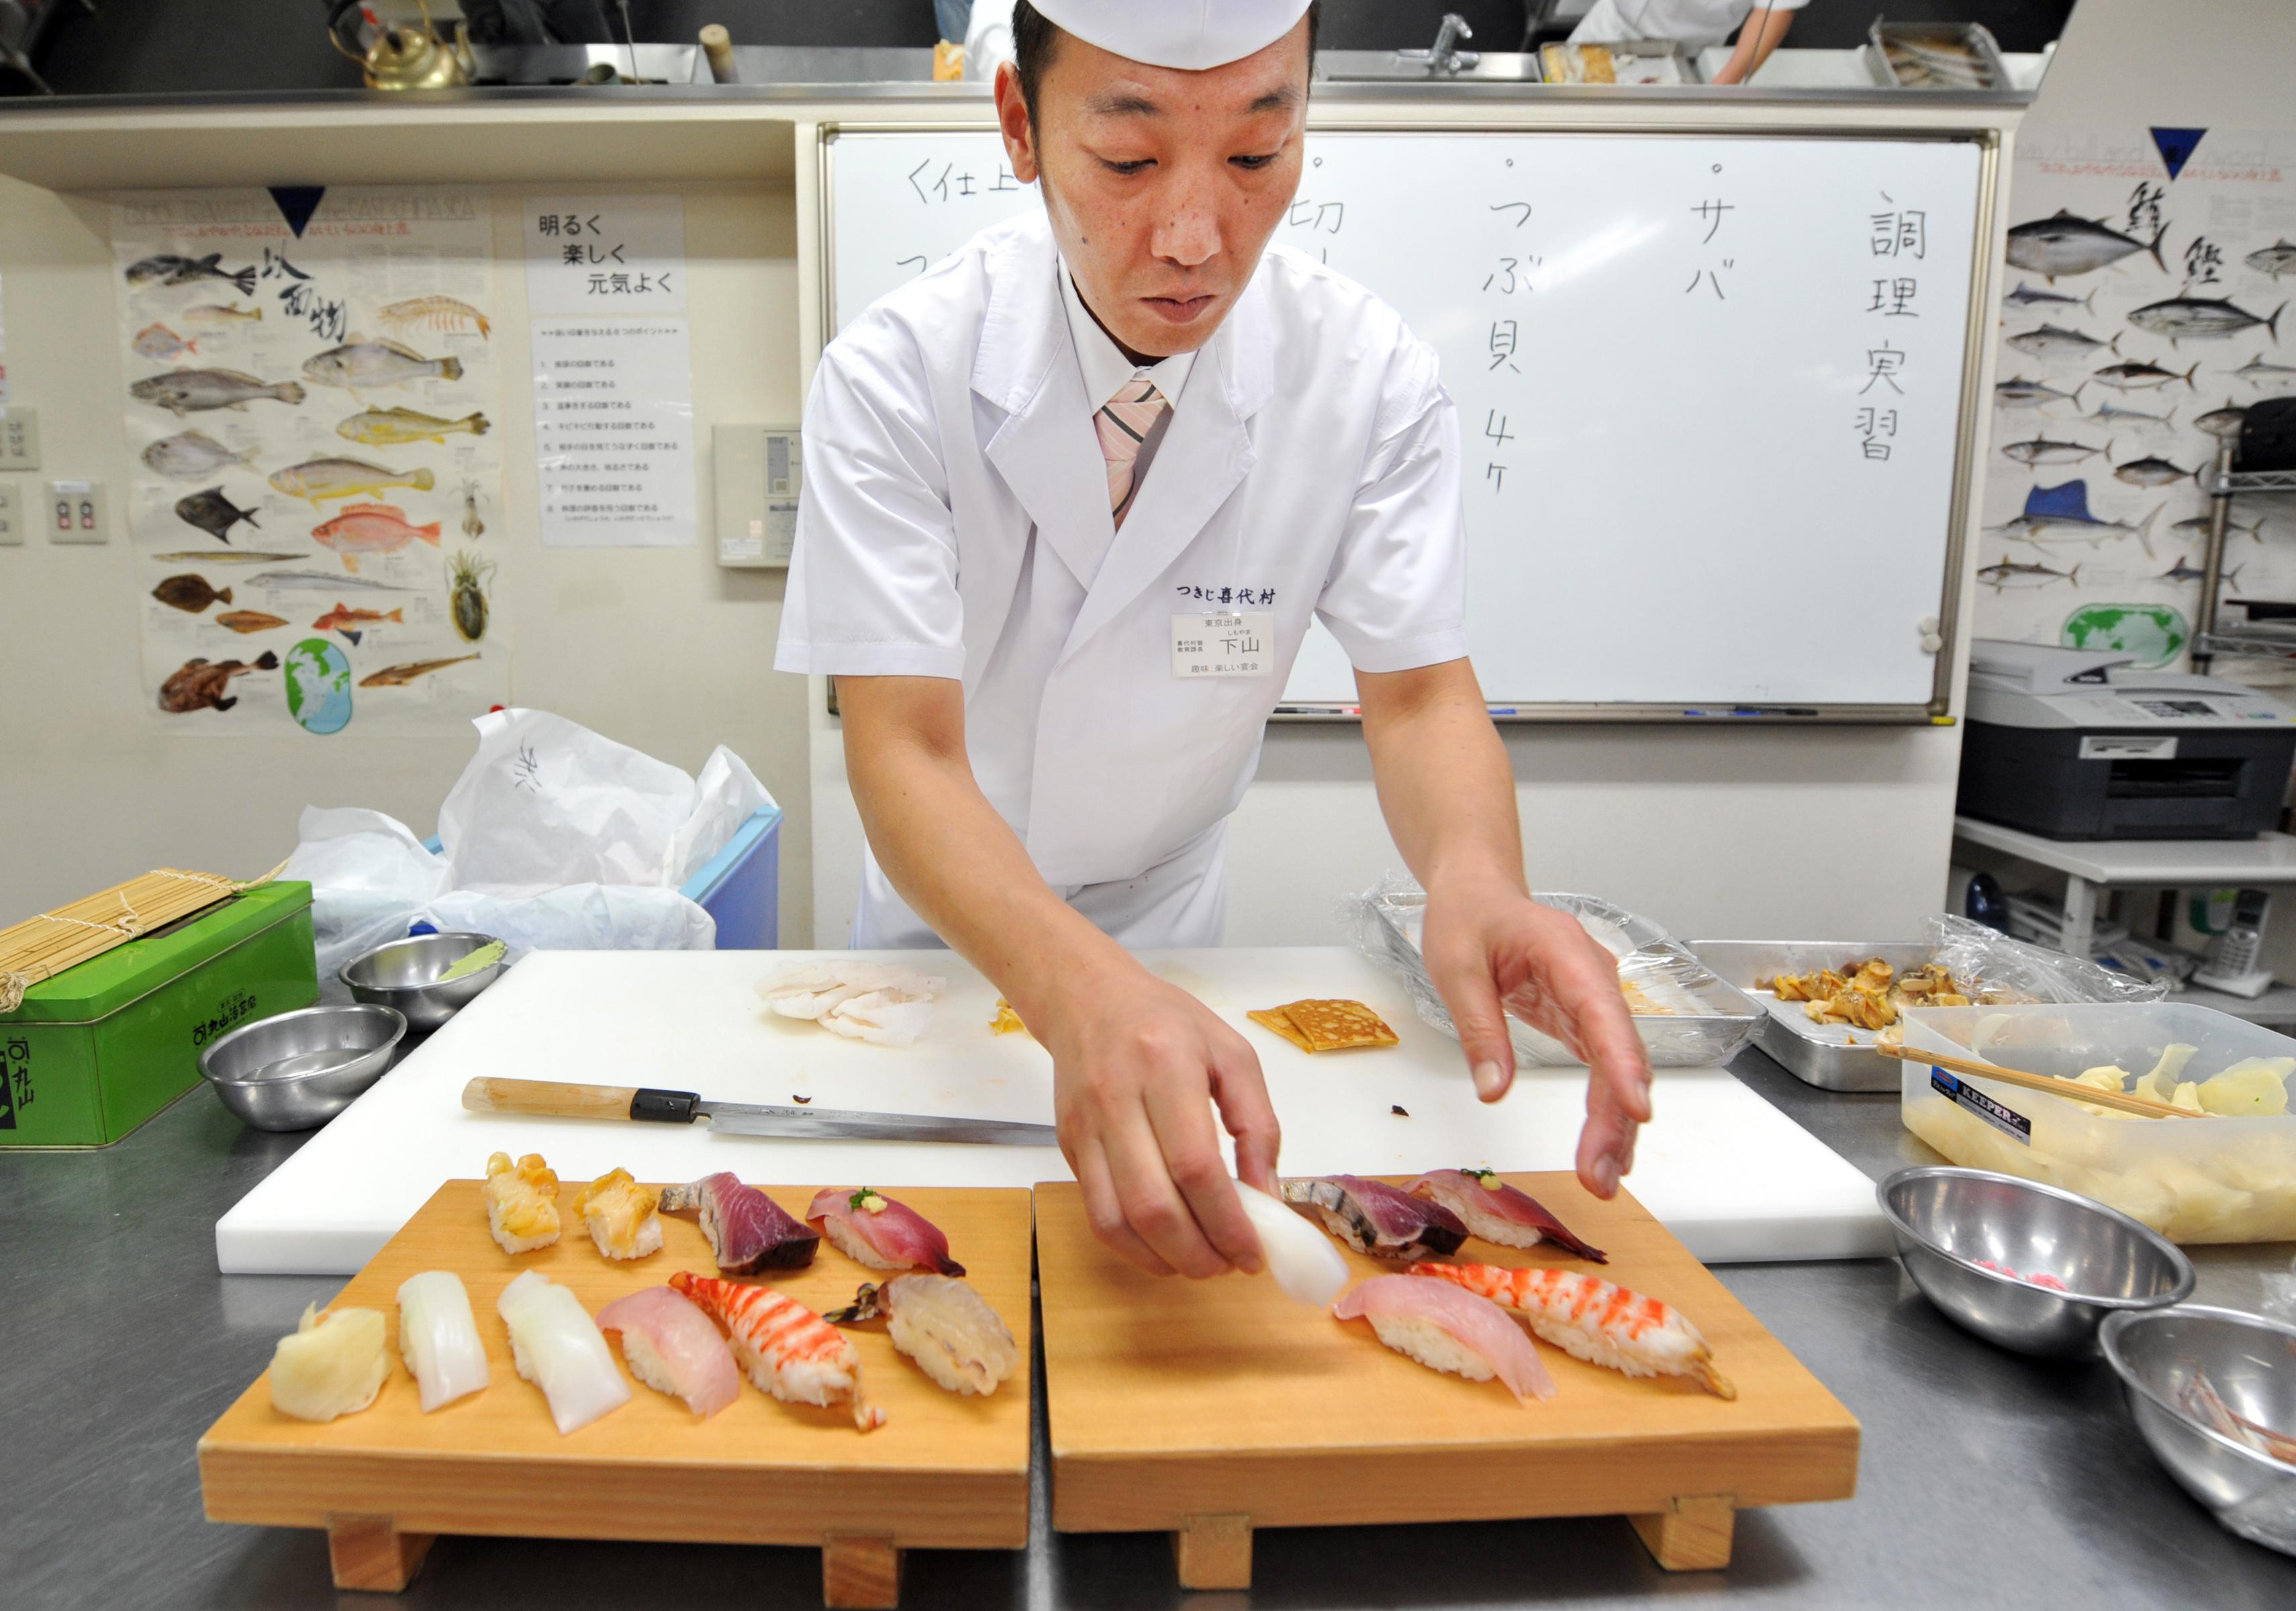 La cocina tradicional japonesa patrimonio de la humanidad for Cocina tradicional